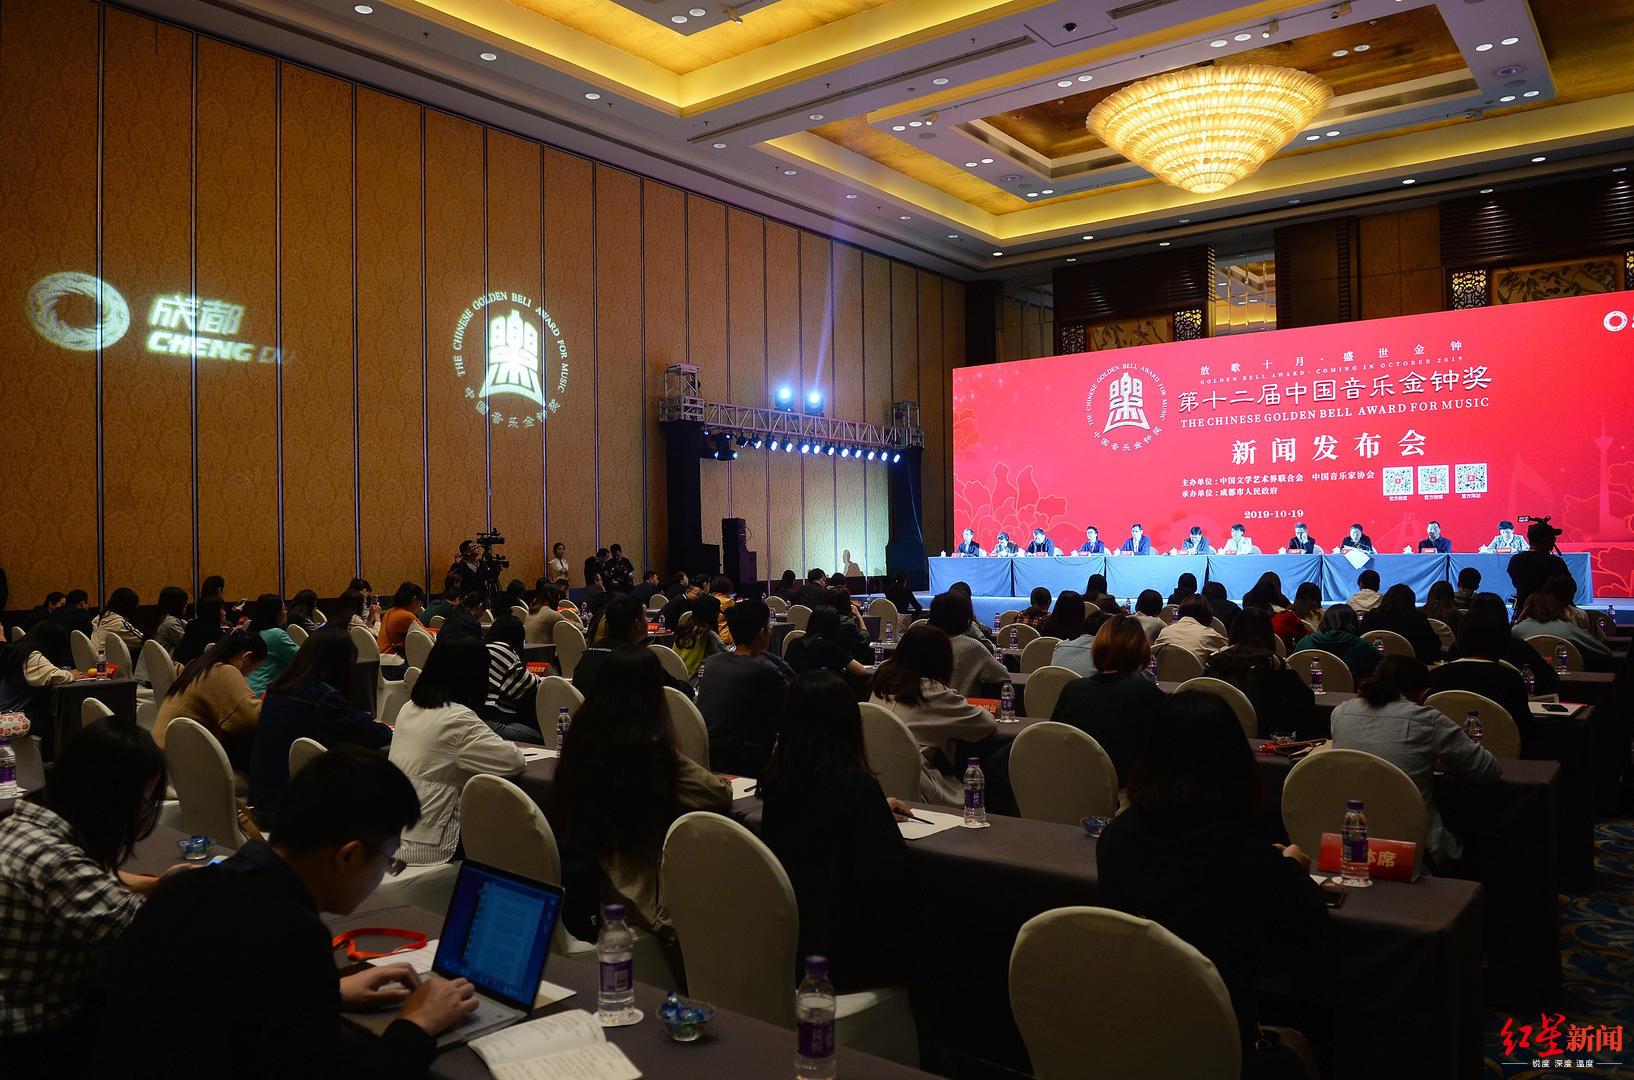 第十二届中国音乐金钟奖19日开幕 42场高水准比赛检阅新时期音乐人才